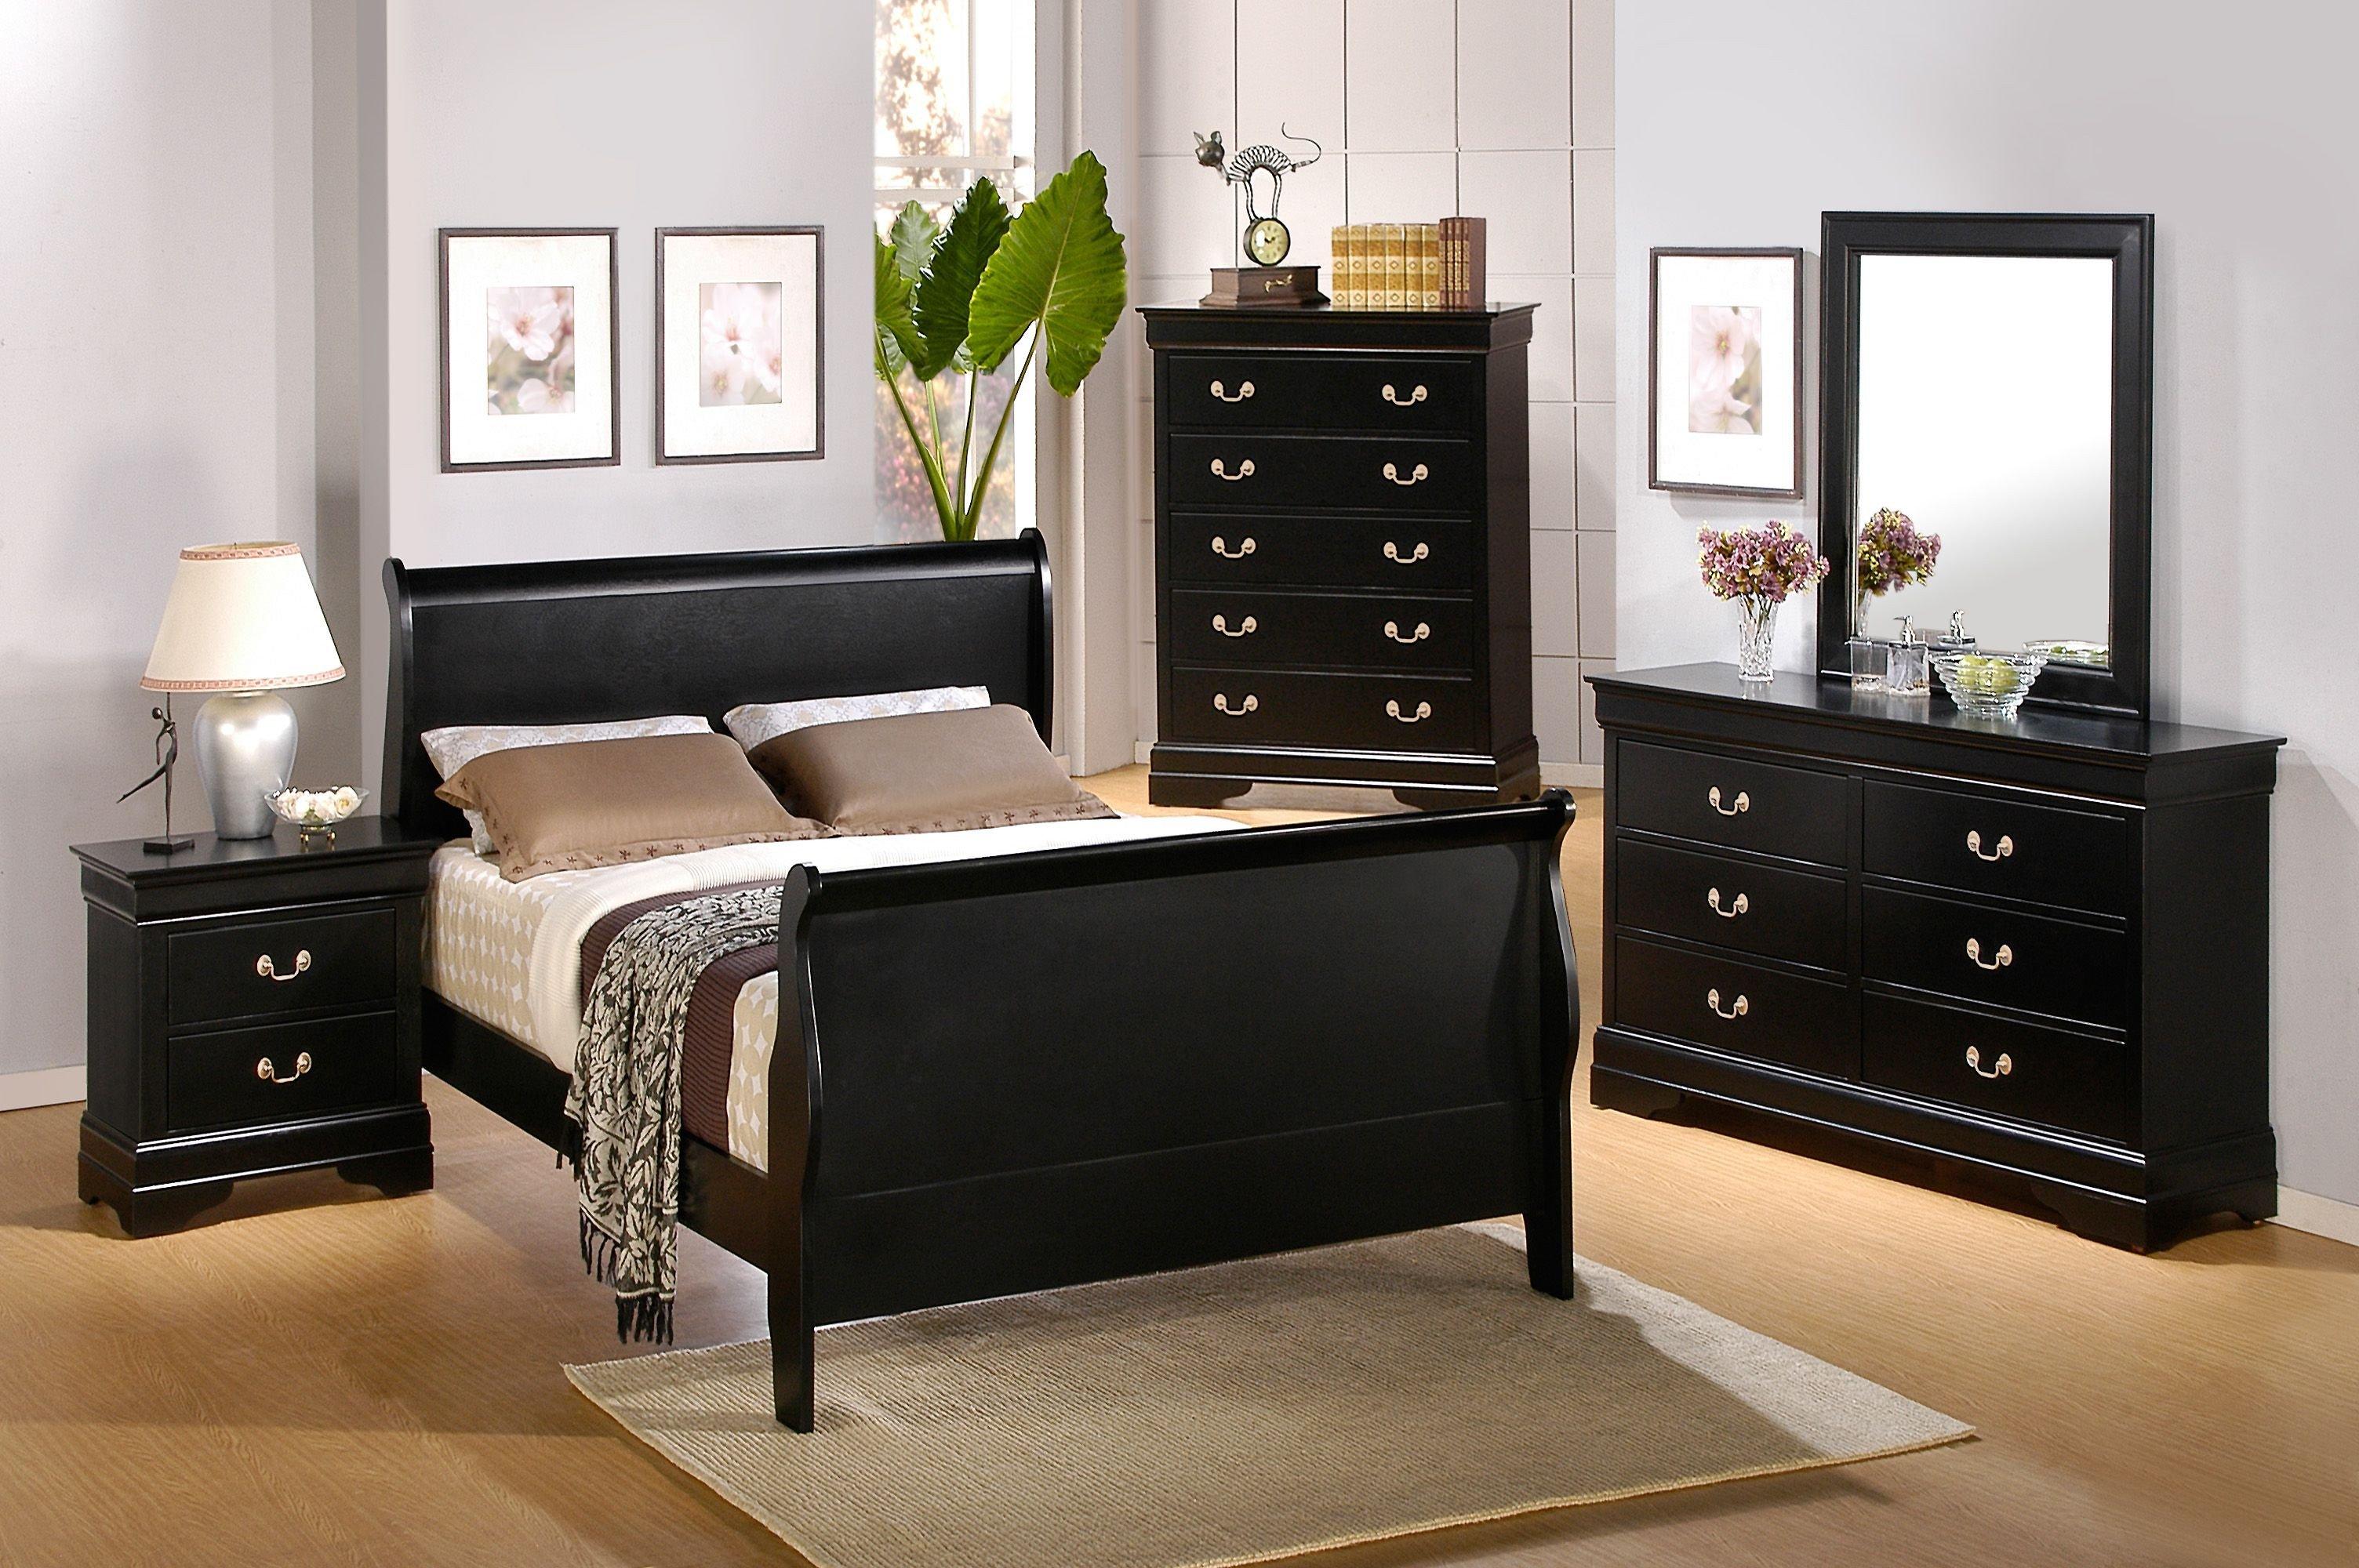 Home Furniture Bedroom Set Fresh Bedroom Furniture Dressers Best for Homes